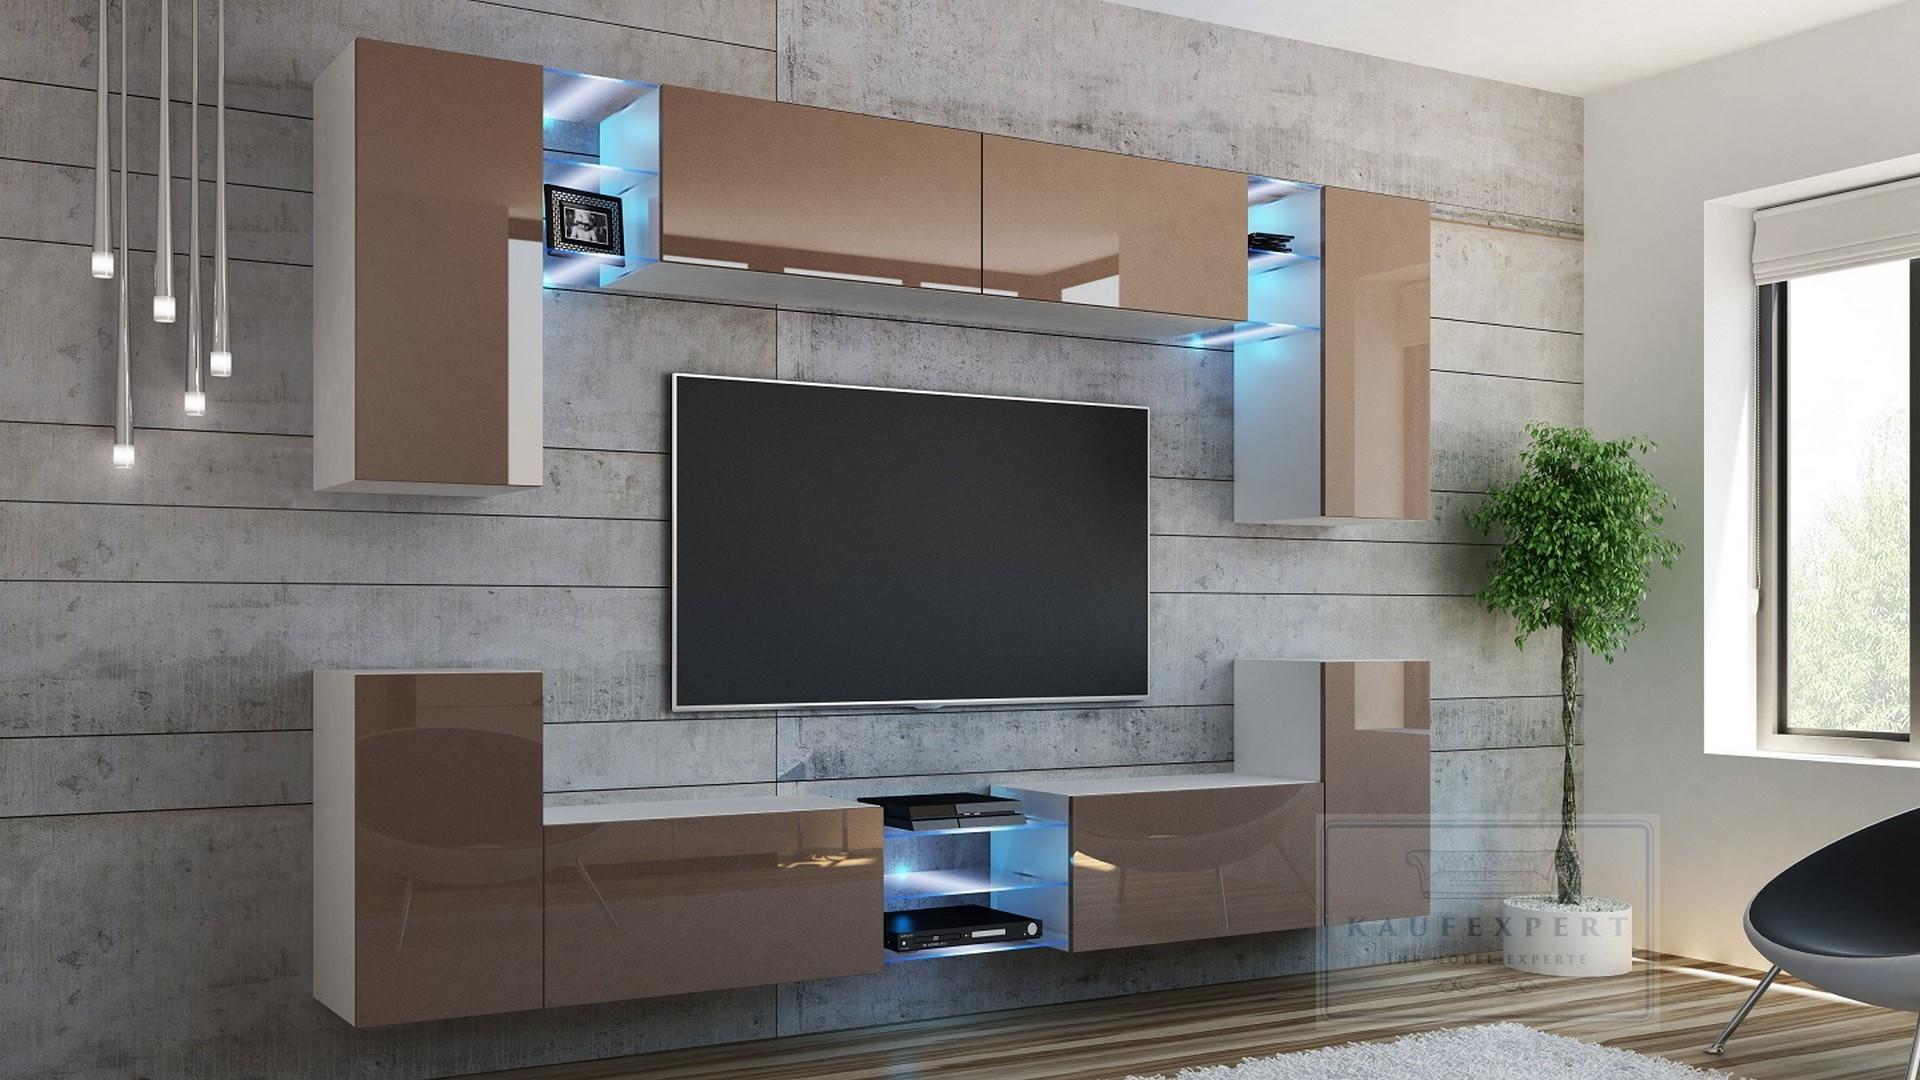 Uberlegen AuBergewohnlich Wohnwand Galaxy Cappuccino Hochglanz/ Weiß Mediawand  Medienwand Design Modern Led Beleuchtung MDF Hochglanz Hängewand